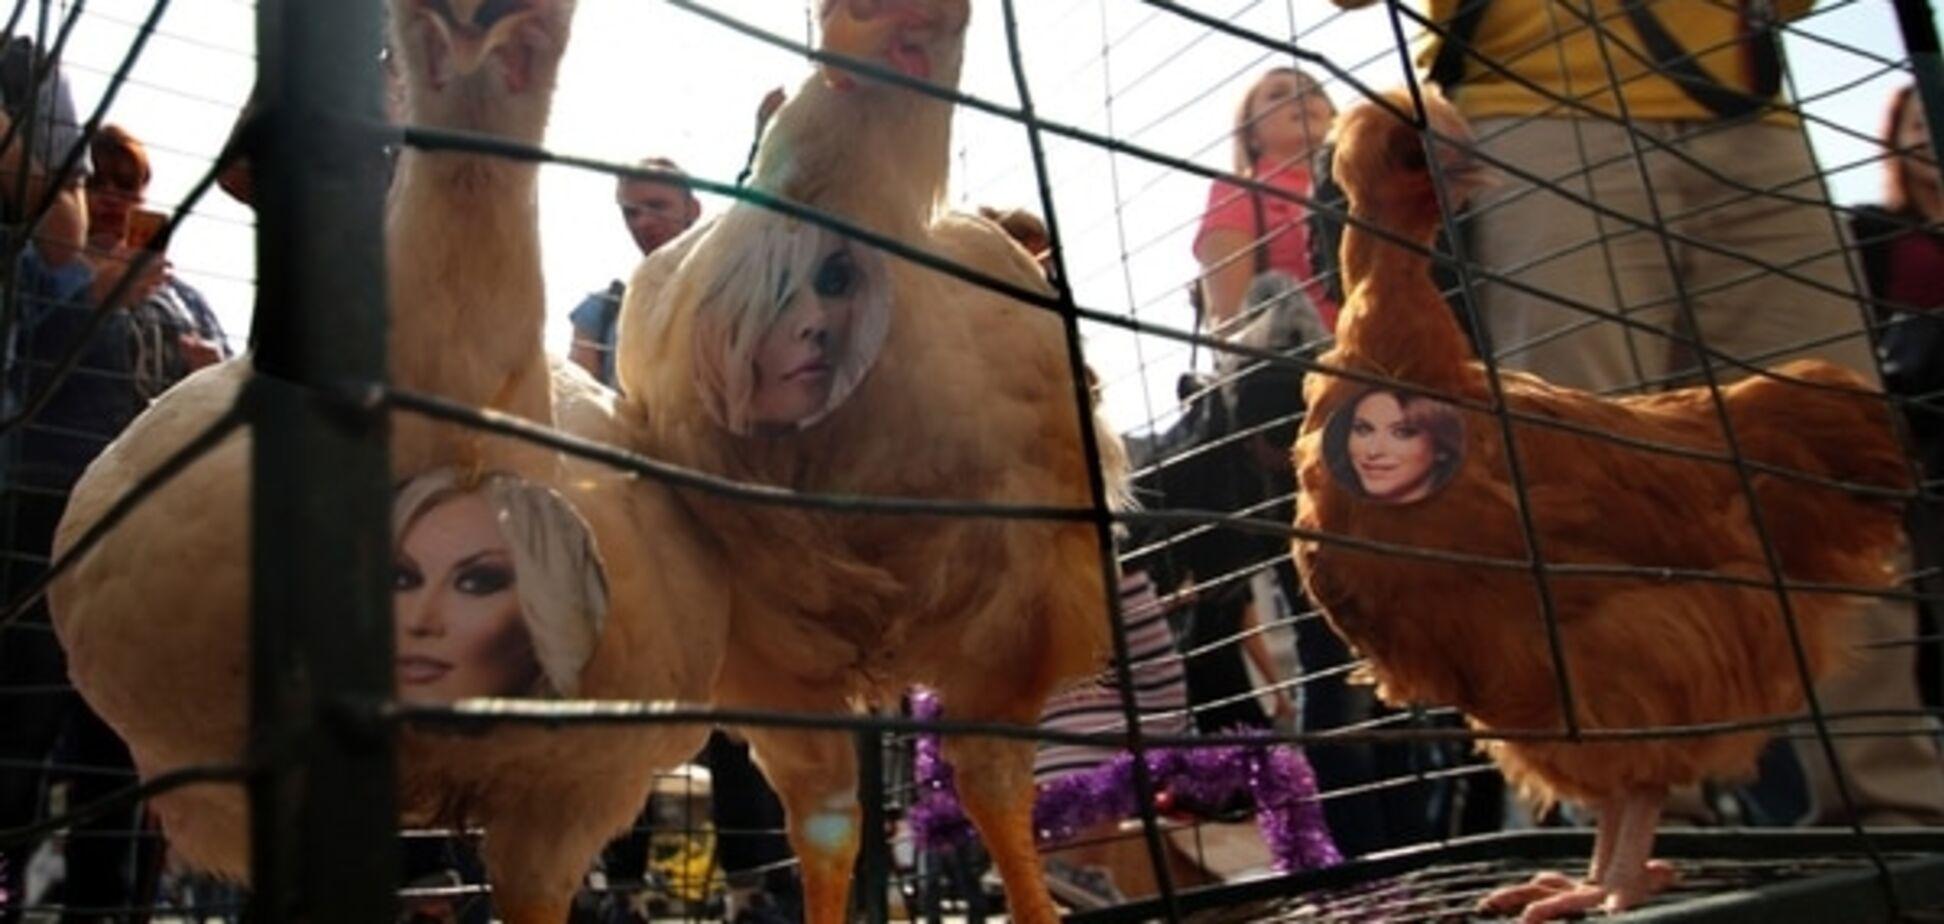 Во Львове 'куриц' Лорак, Повалий и Билык сводили в Оперный театр: опубликованы фото